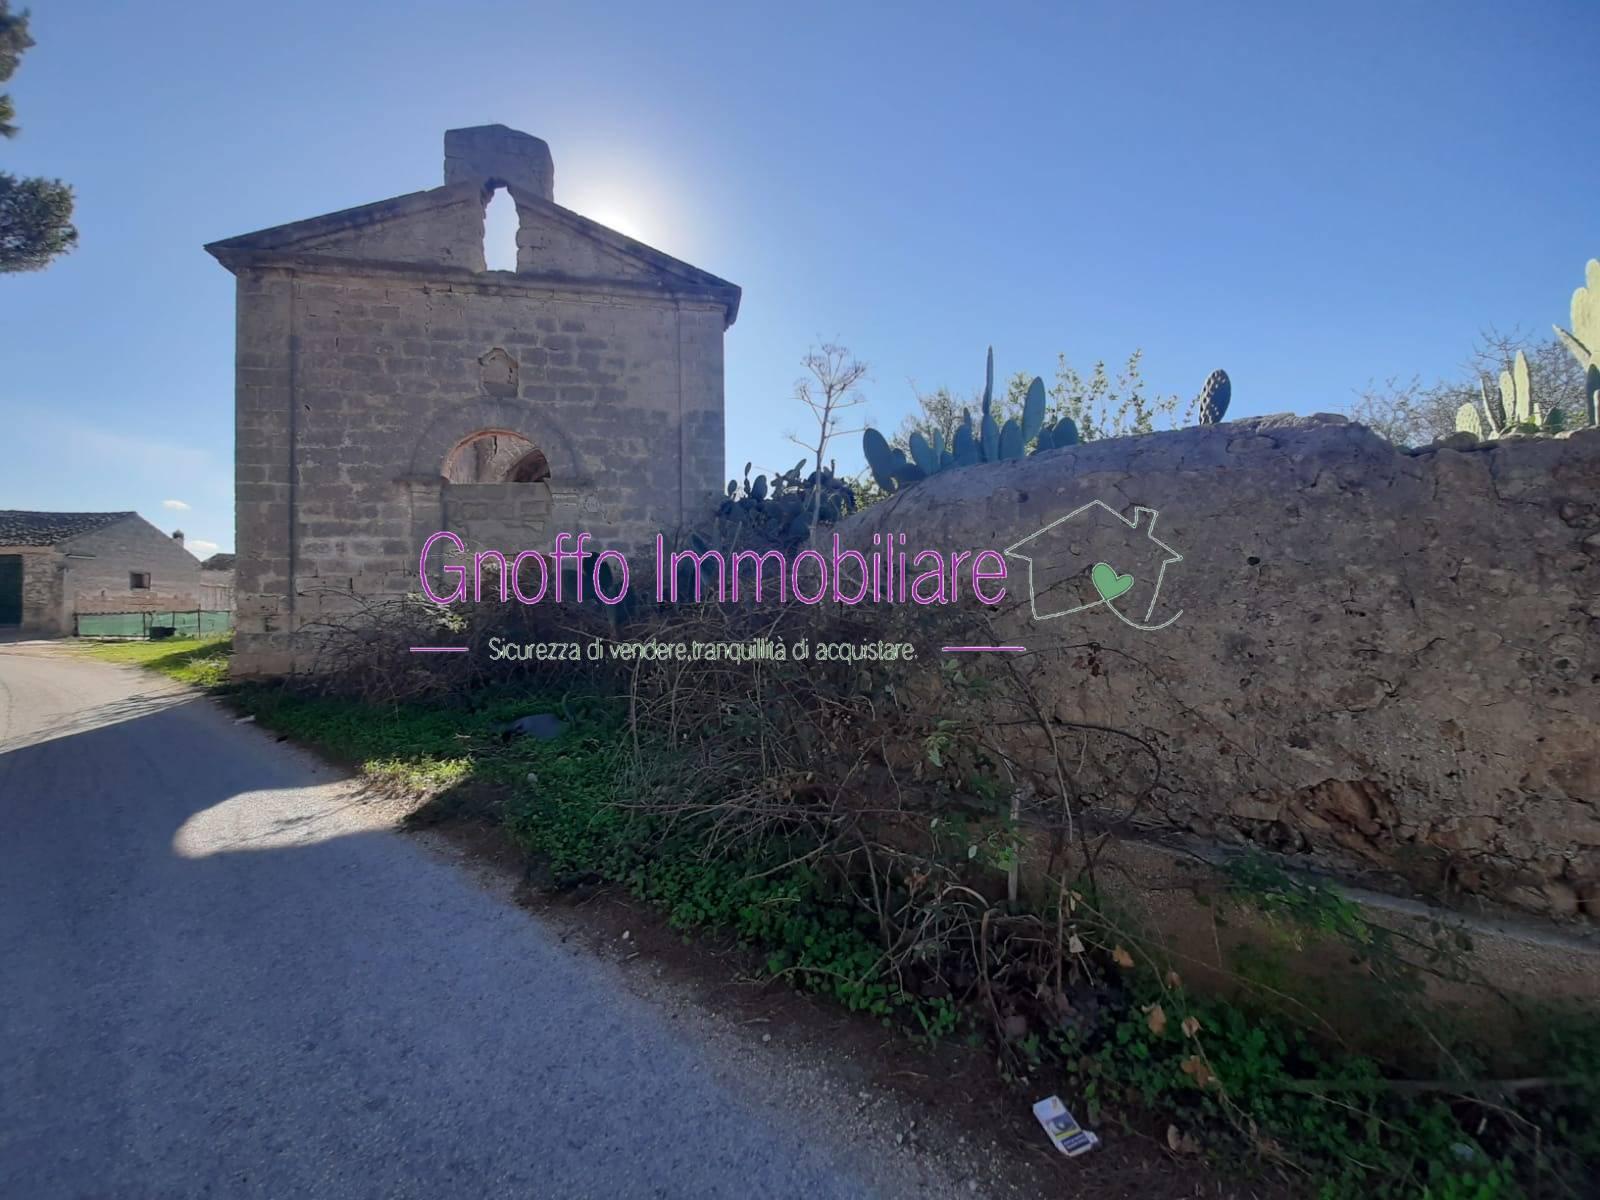 Rustico / Casale in vendita a Trapani, 1 locali, zona Zona: Periferia, prezzo € 40.000 | CambioCasa.it